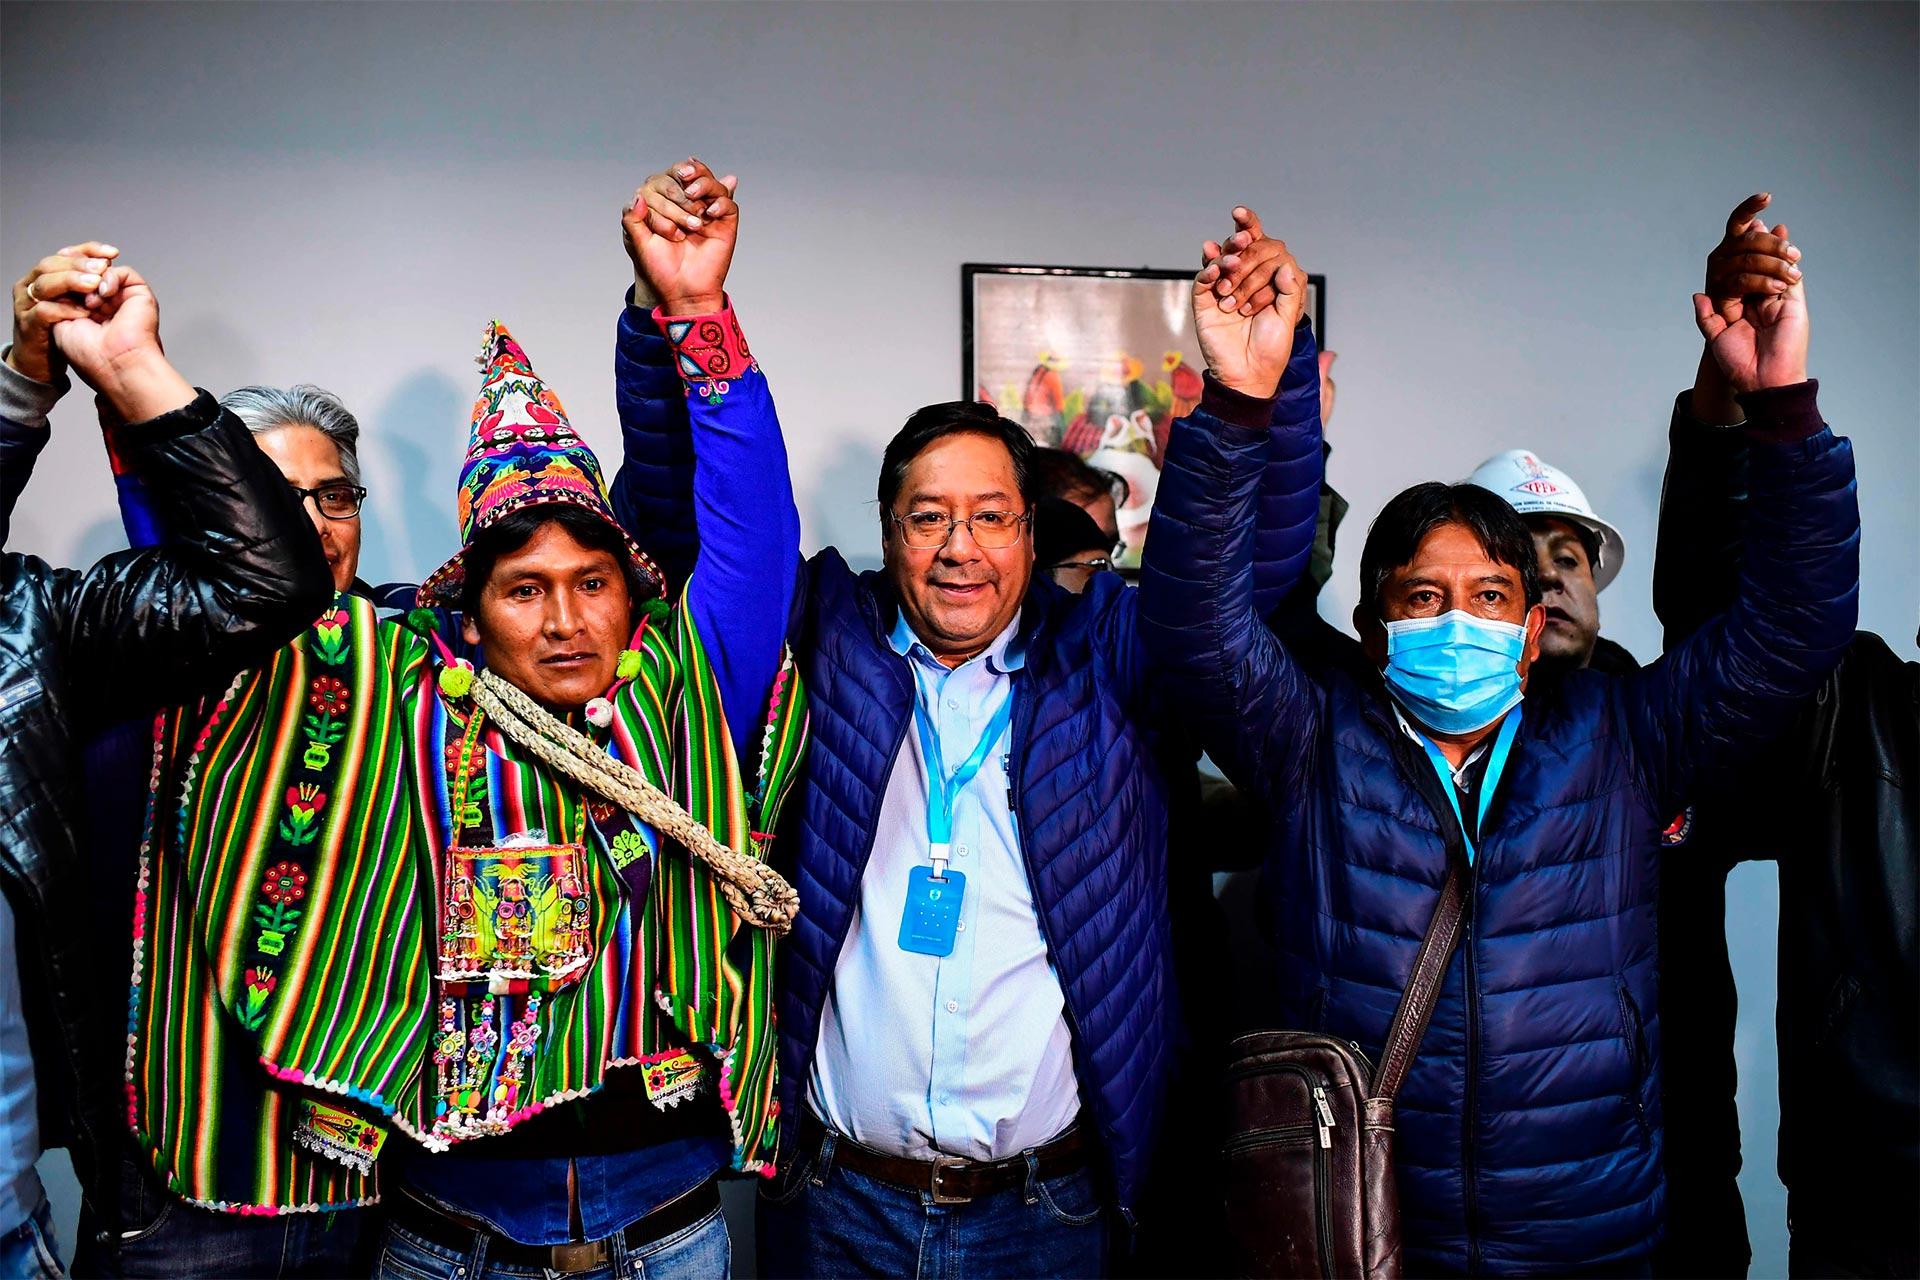 Los sondeos a pie de urna dan la victoria al MAS: Así ha sido la jornada electoral en Bolivia